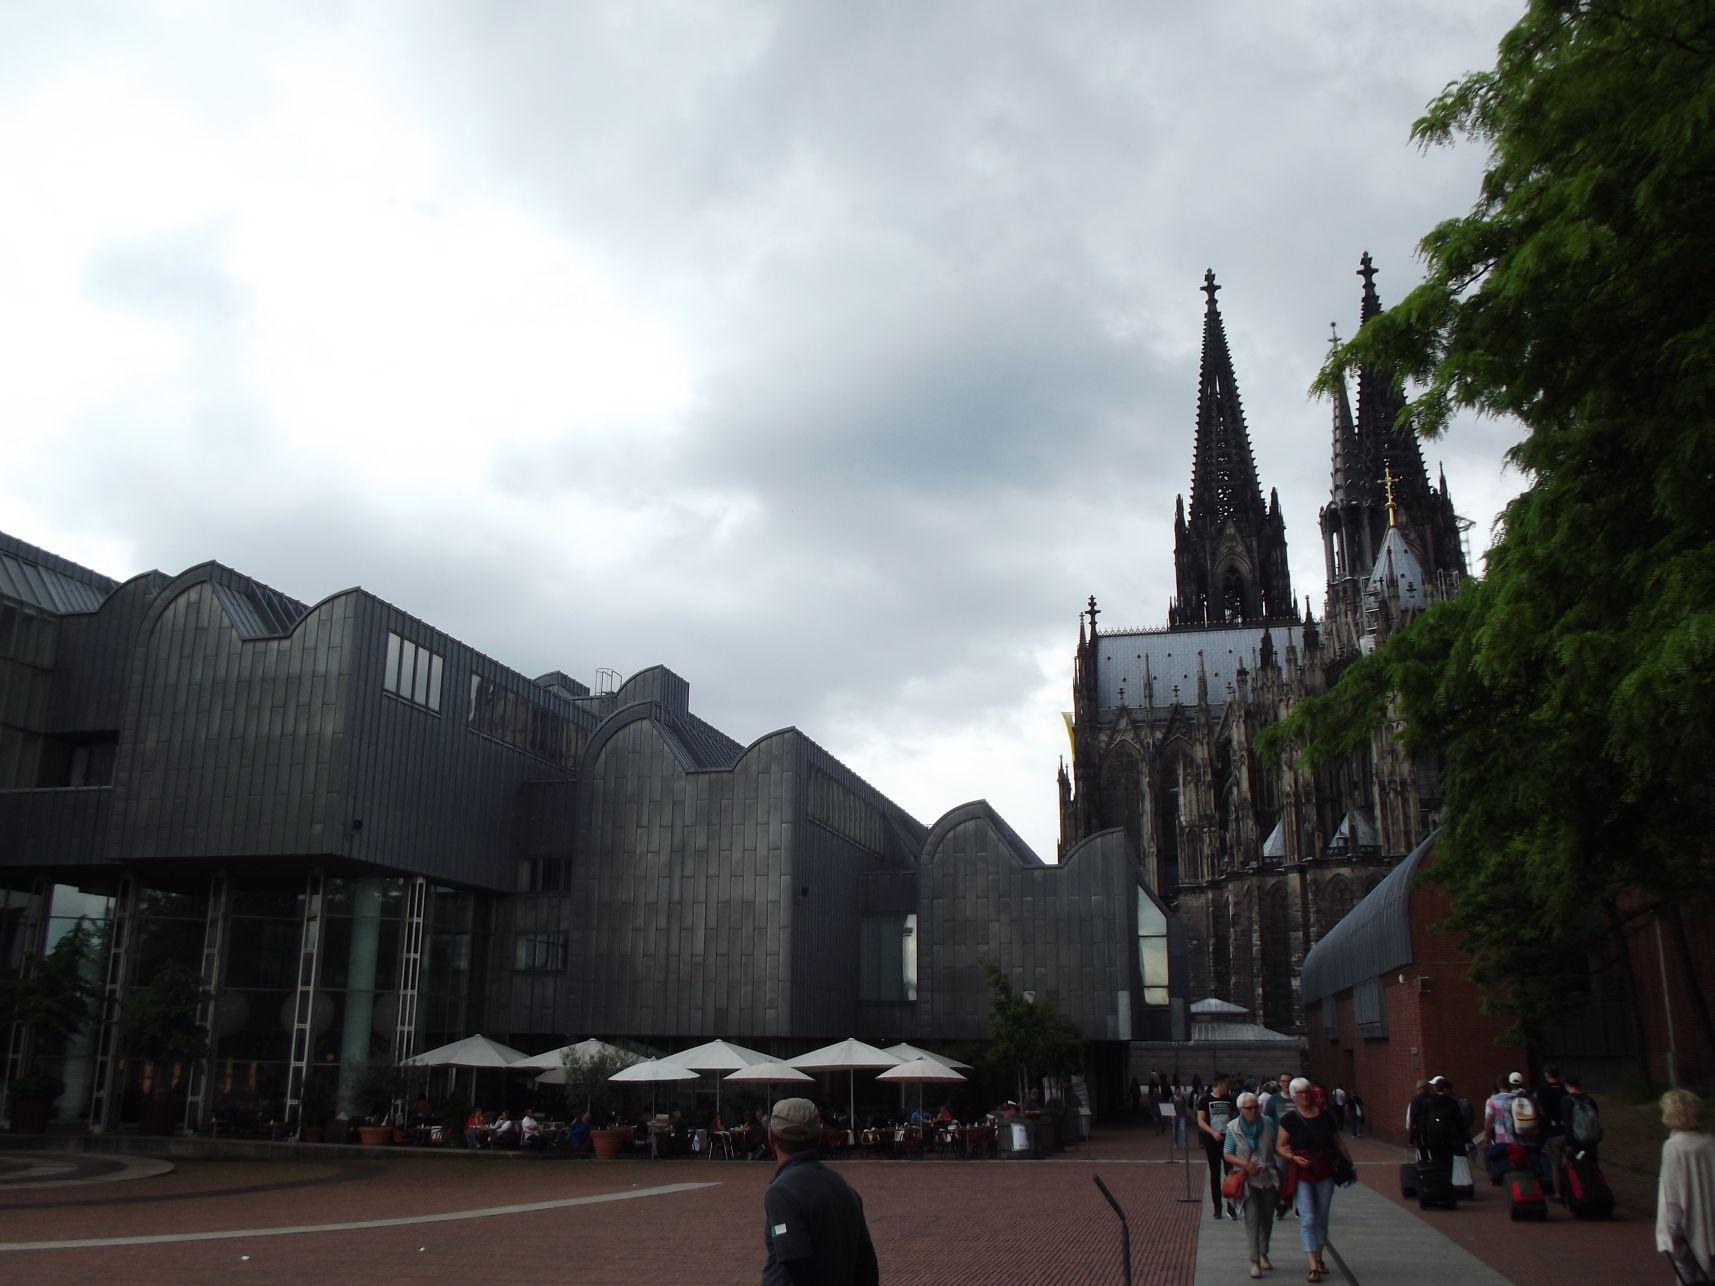 A Ludwig Múzeum és a dóm